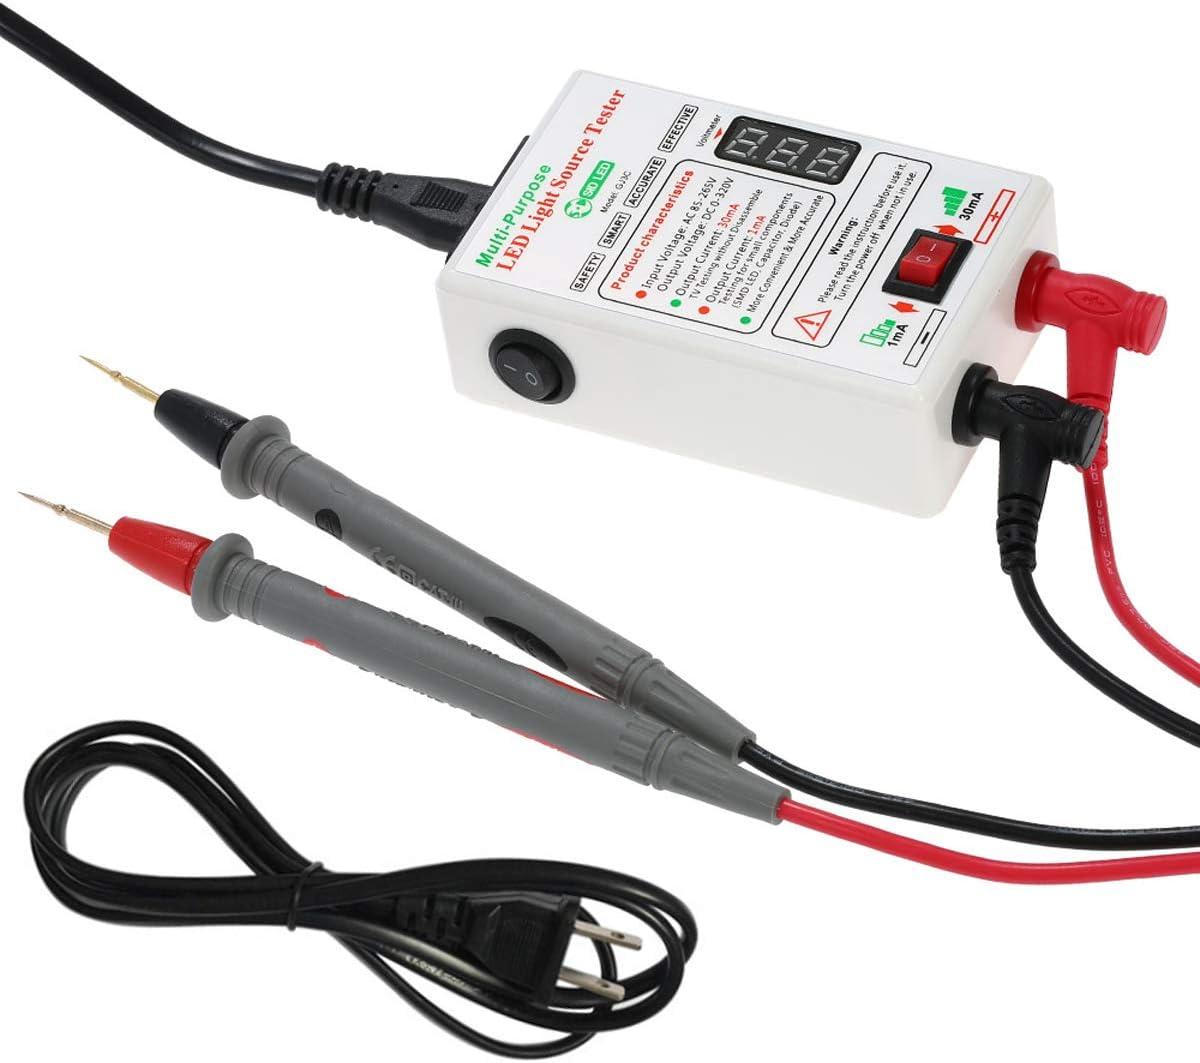 SID - Comprobador de retroiluminación LED sin desmontar la pantalla LCD para todas las cuentas LED TV Board Detect Repair y todas las aplicaciones LED salida 0-320 V: Amazon.es: Bricolaje y herramientas